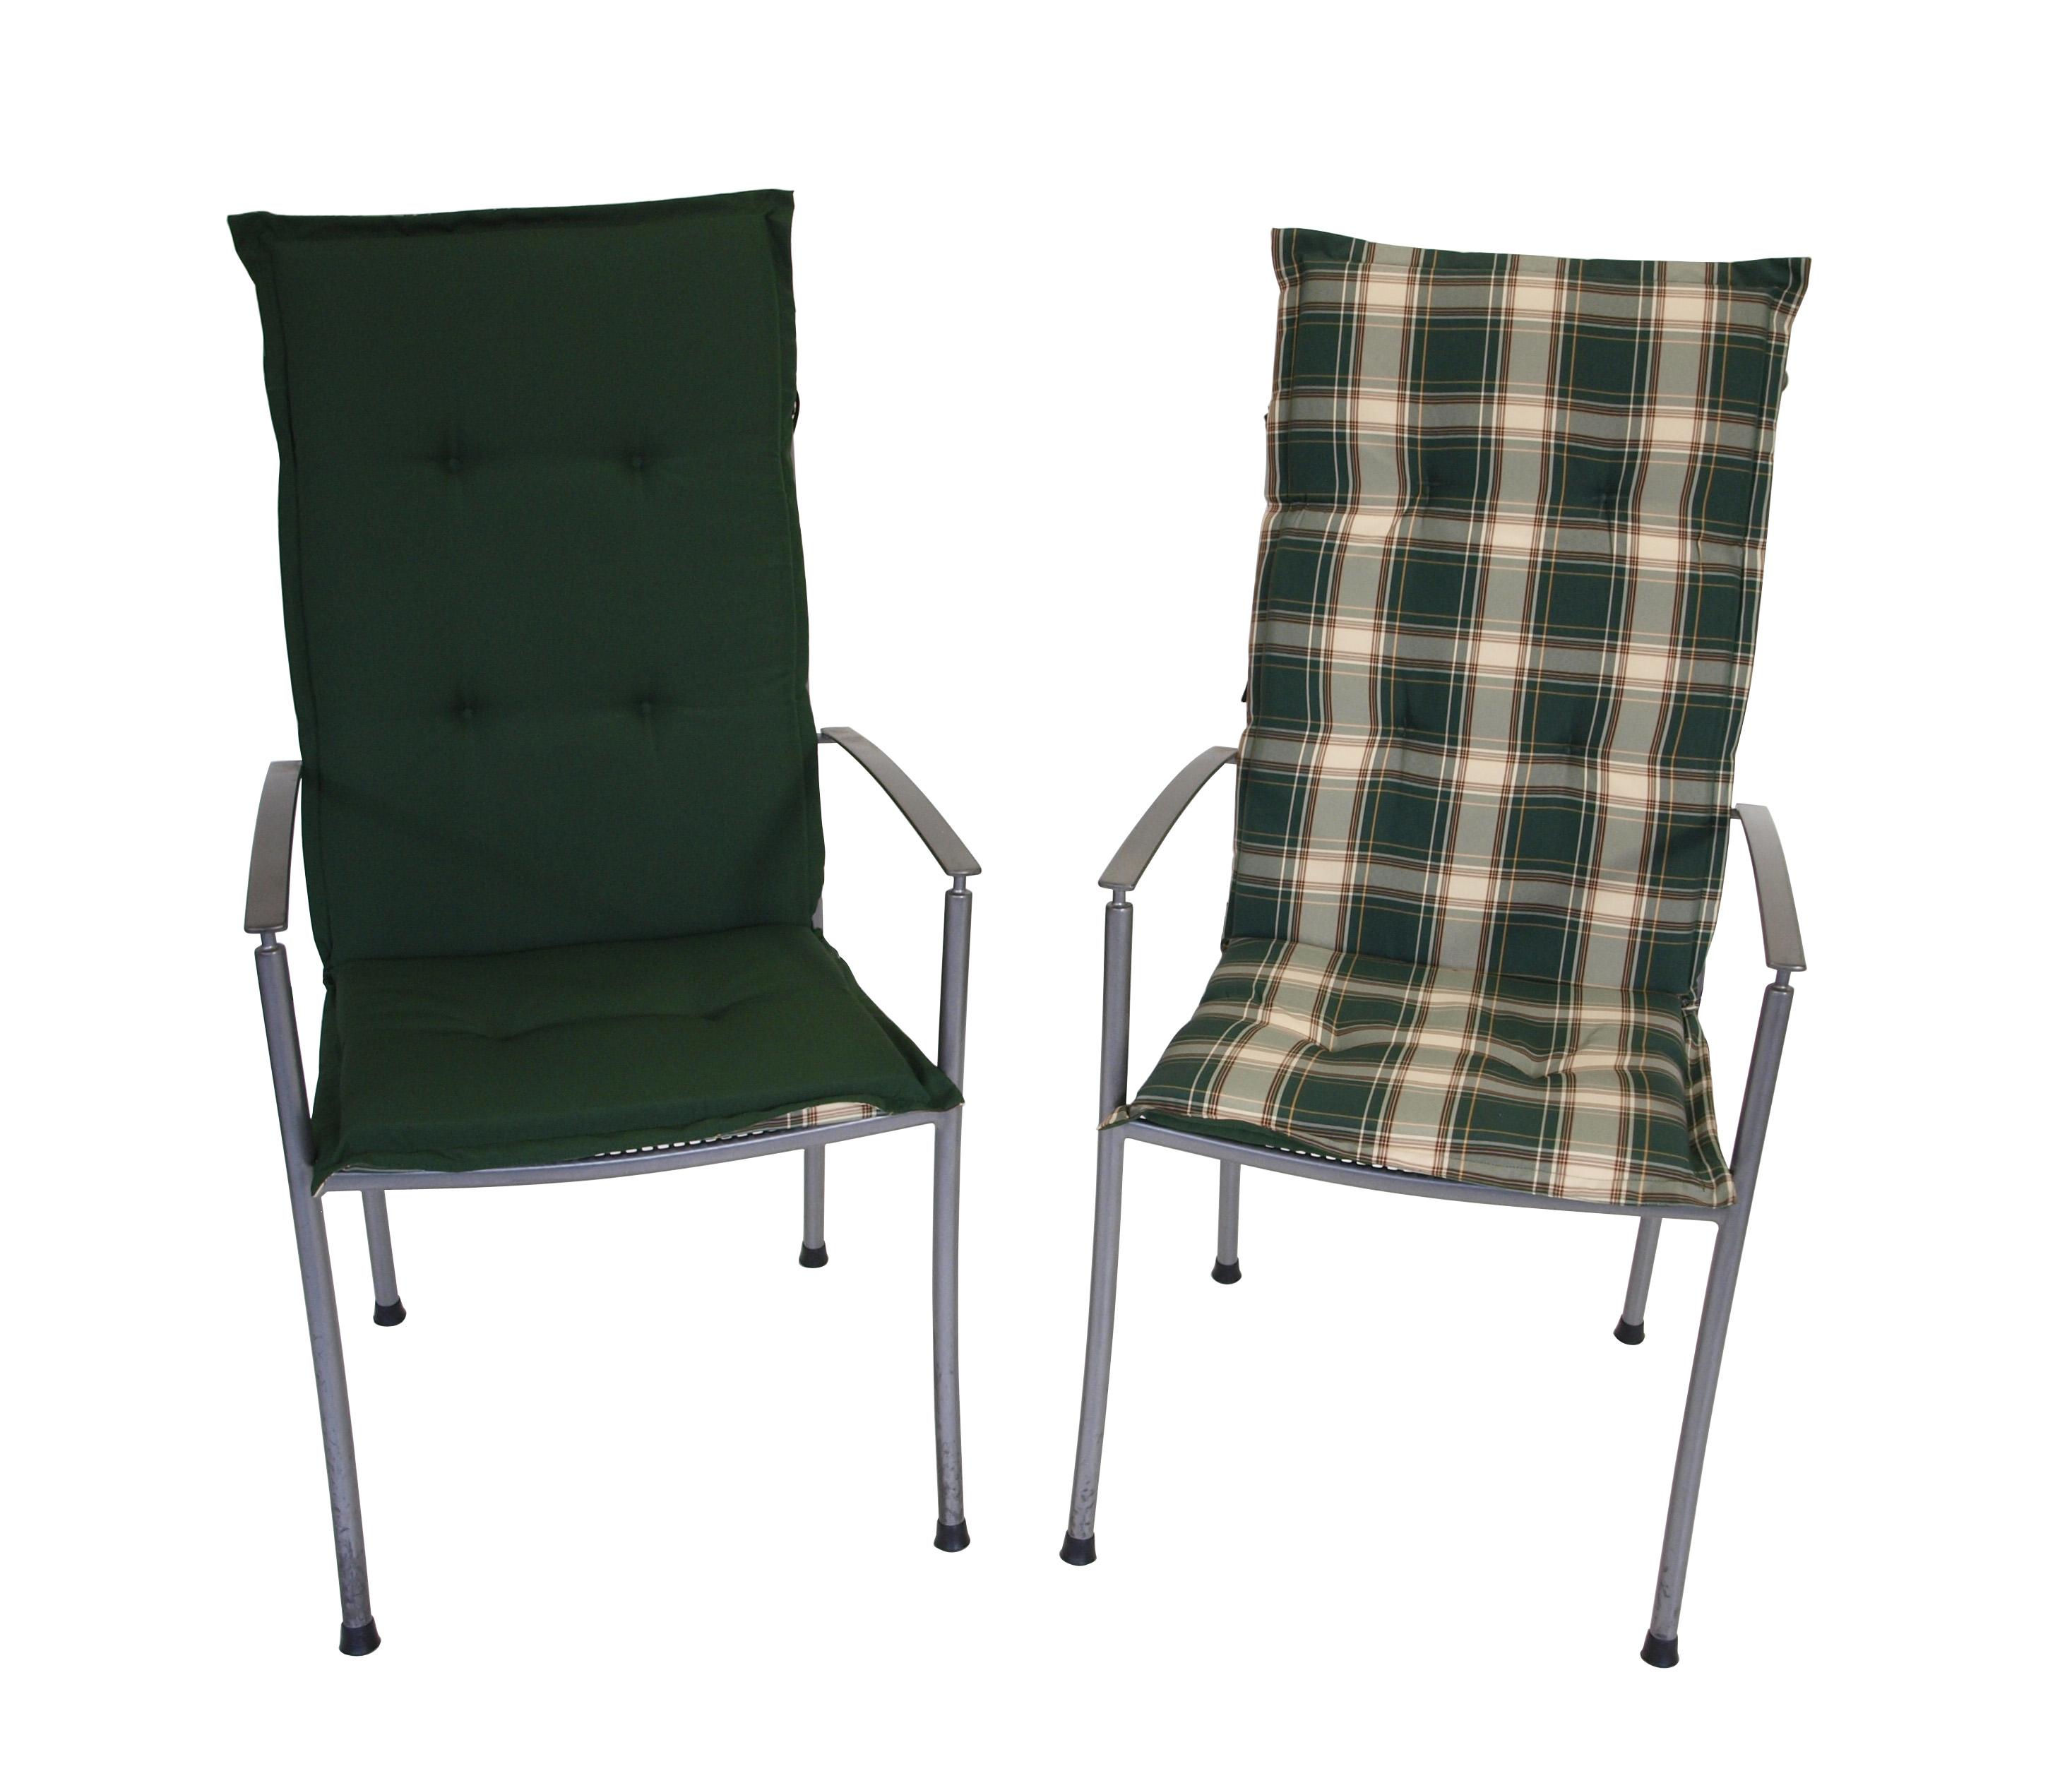 wendeauflage polsterauflage hochlehnerauflage auflage. Black Bedroom Furniture Sets. Home Design Ideas